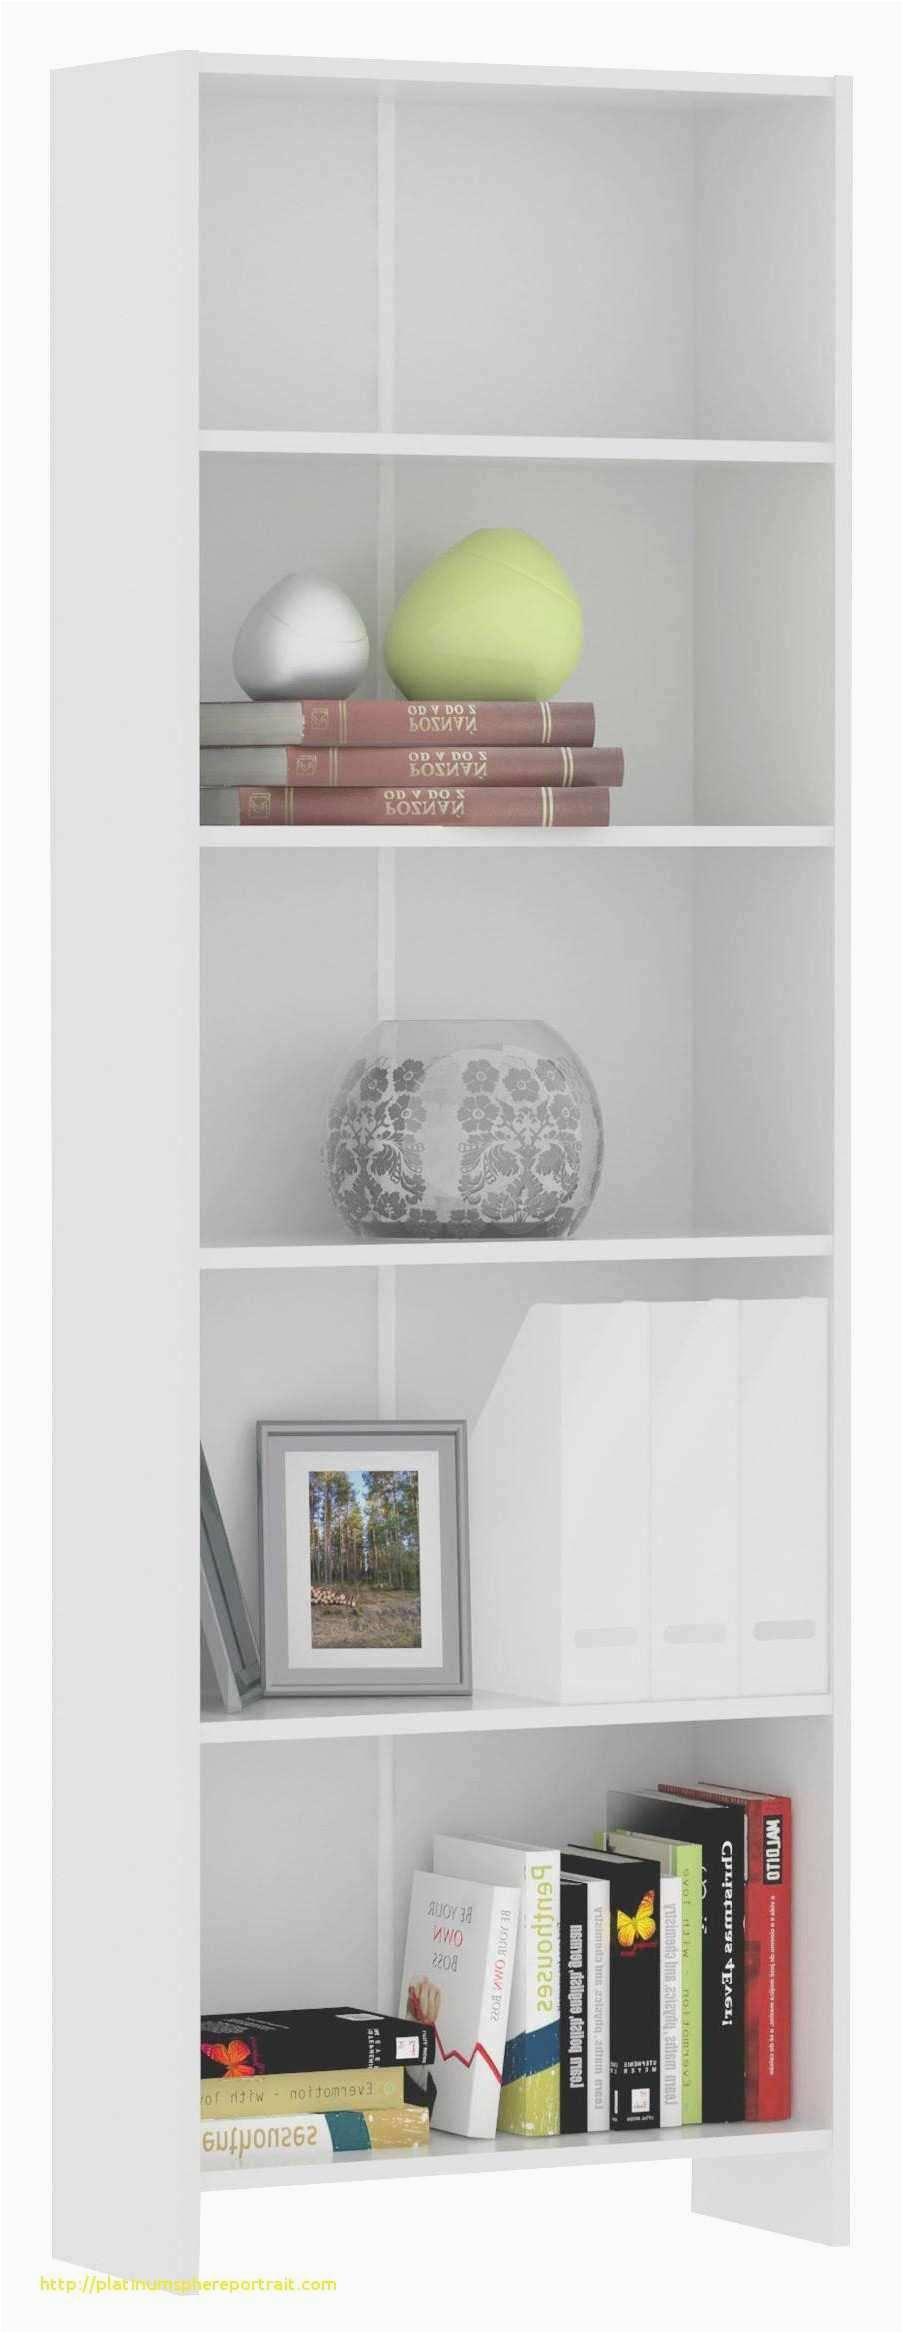 lampen fur kuche neu iheartsnapit graphy wohnzimmer und mobelidee of lampen fur kuche